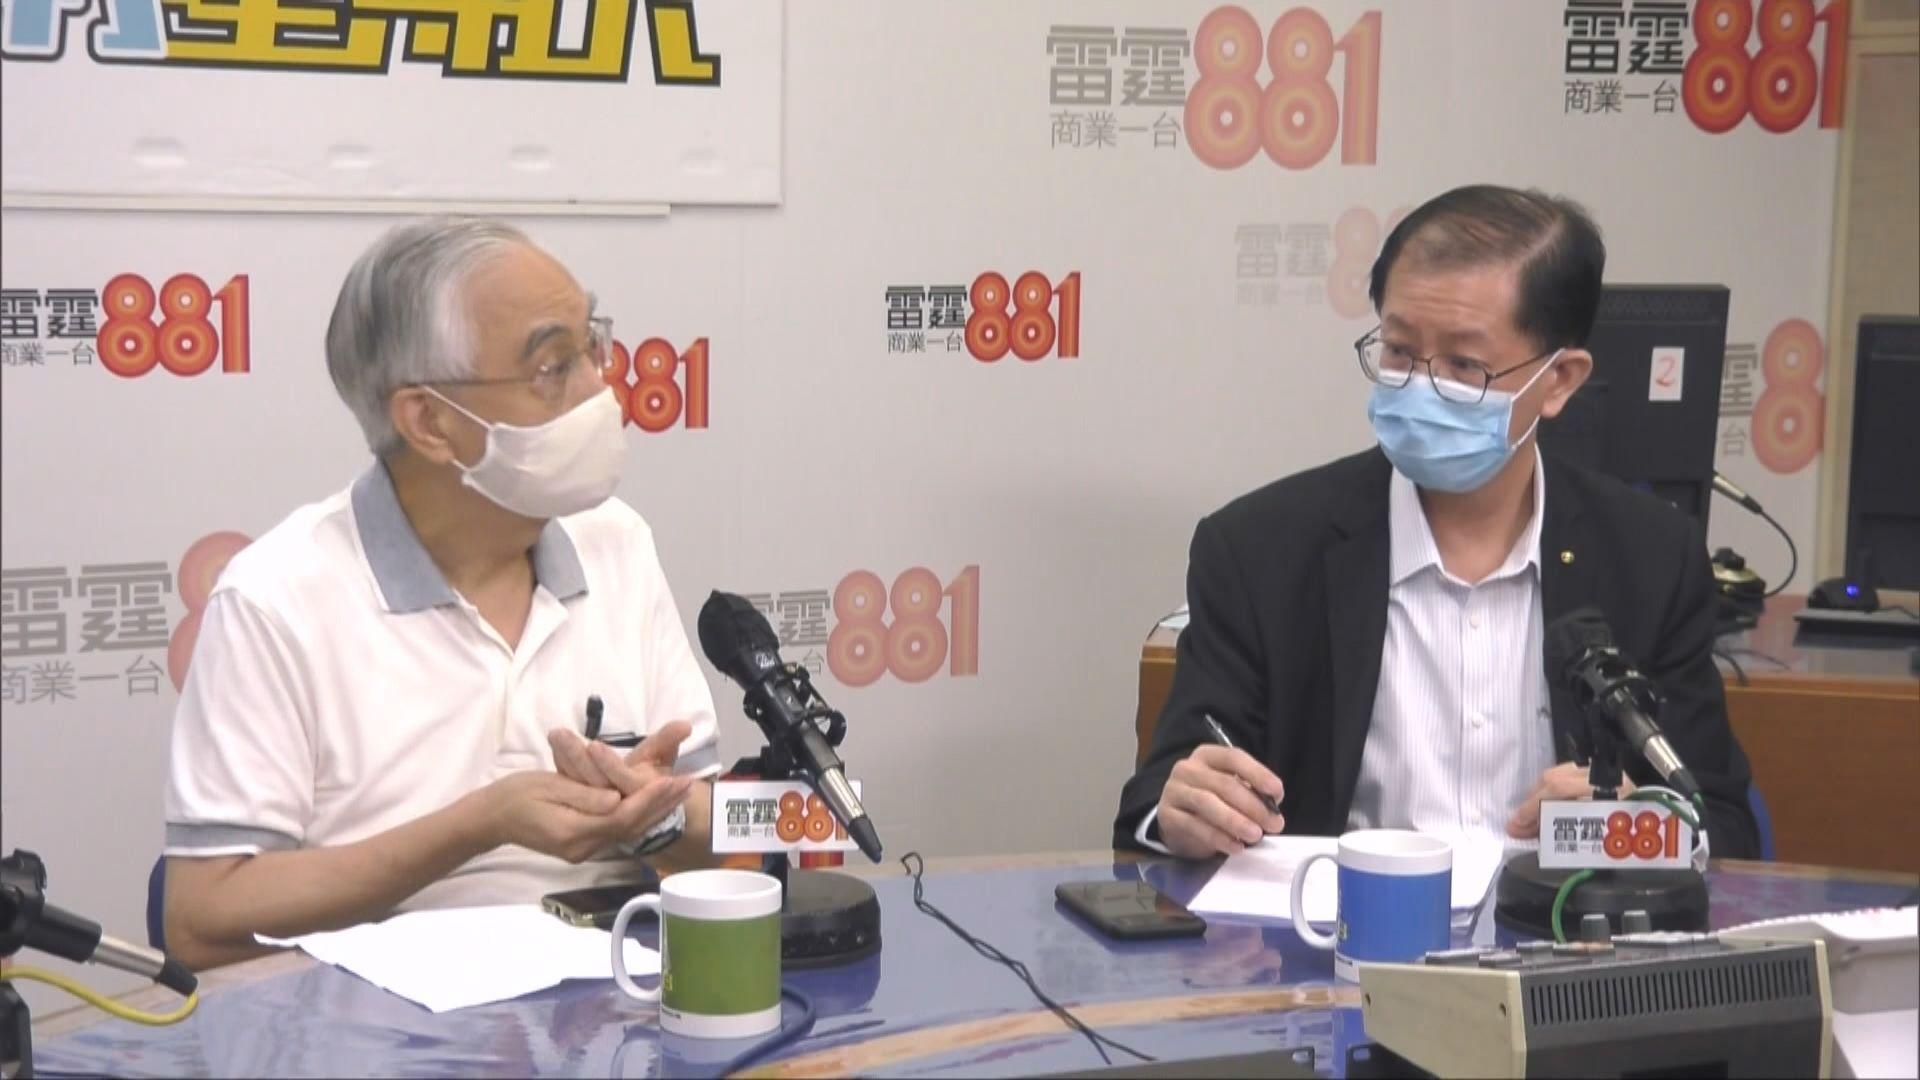 林大慶︰反規管電子煙法例議員與公共衞生對抗